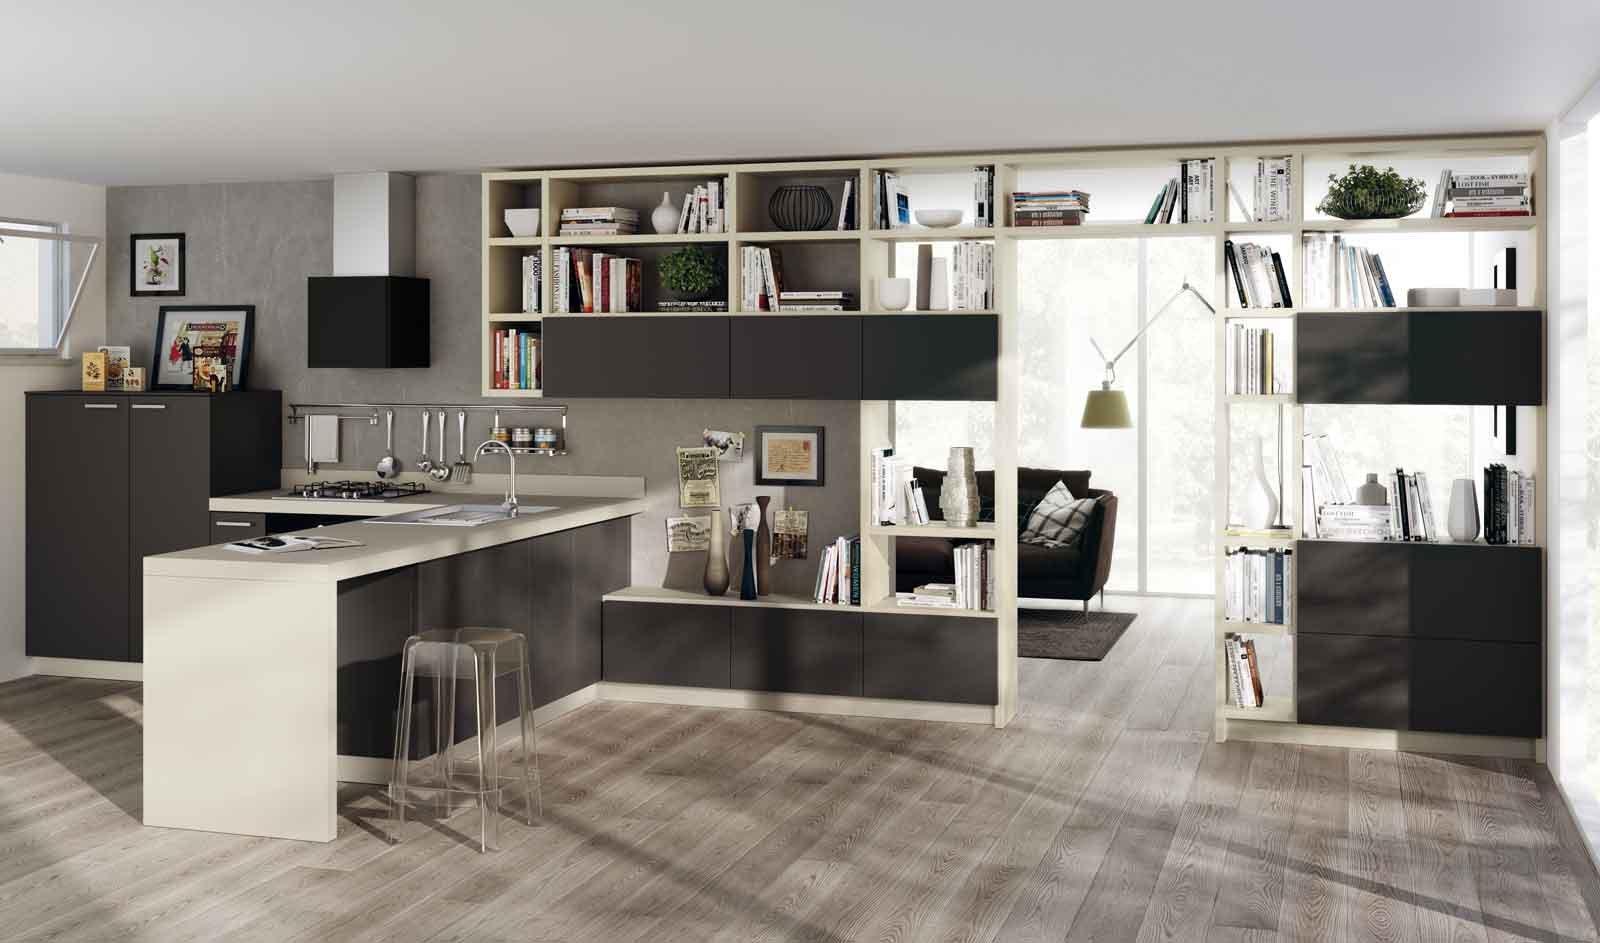 libreria Fluida che permette di integrare perfettamente il soggiorno ...